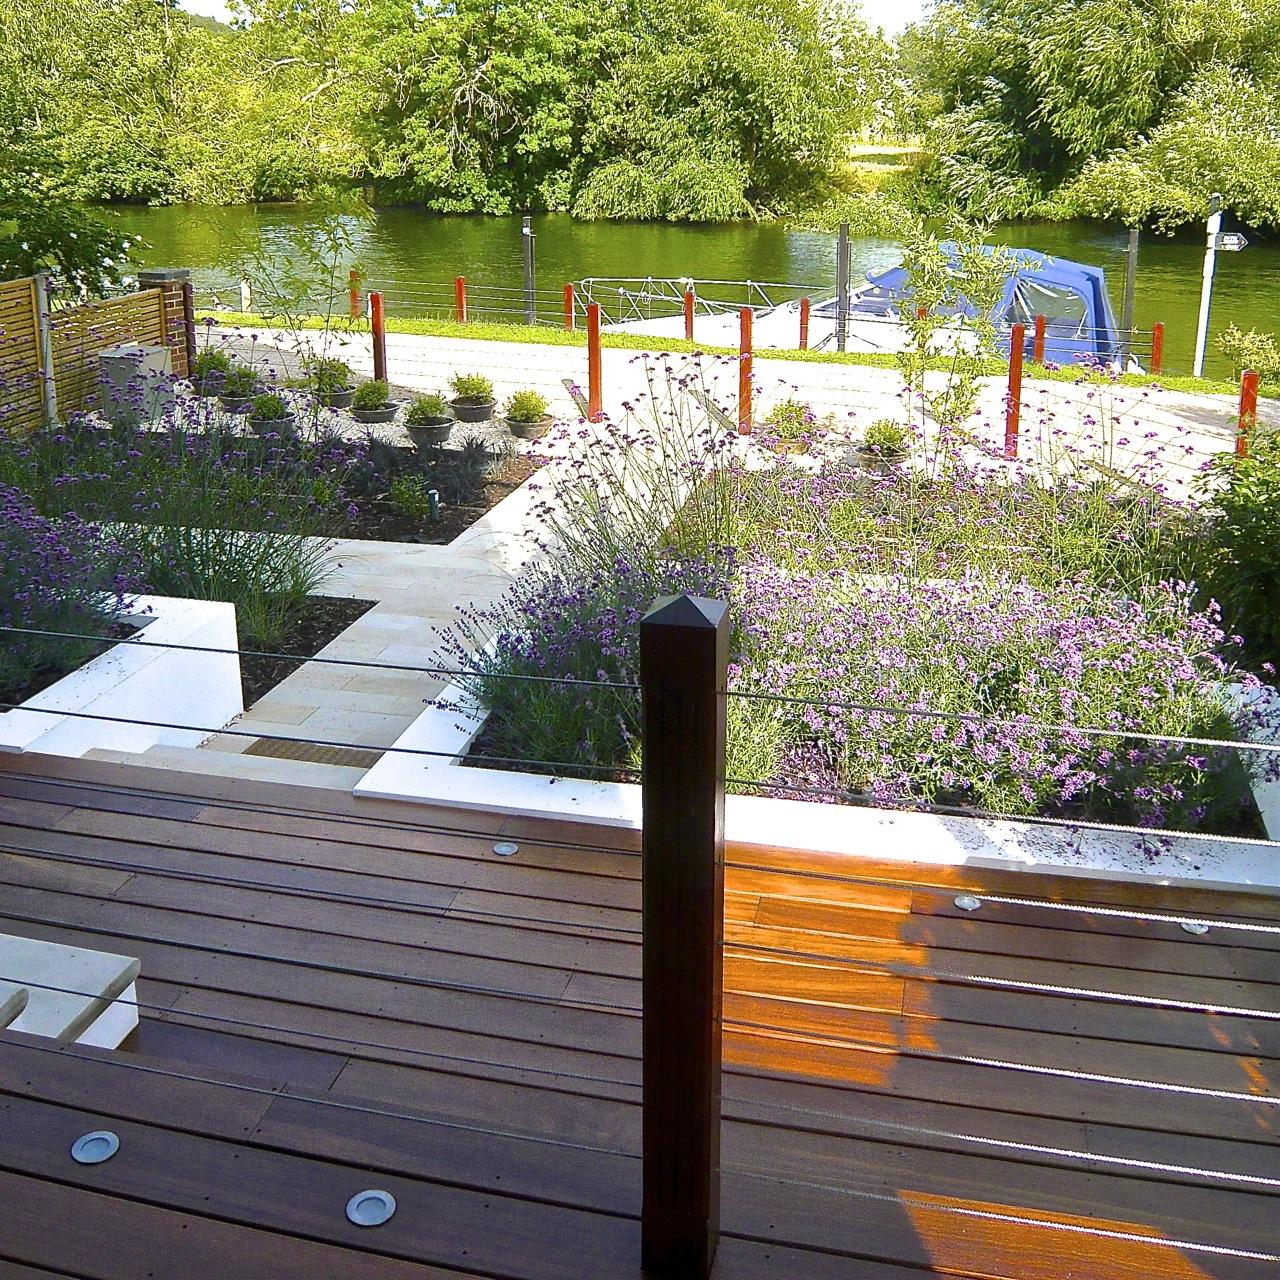 Purley on thames riverside garden by www.joannealderson.com